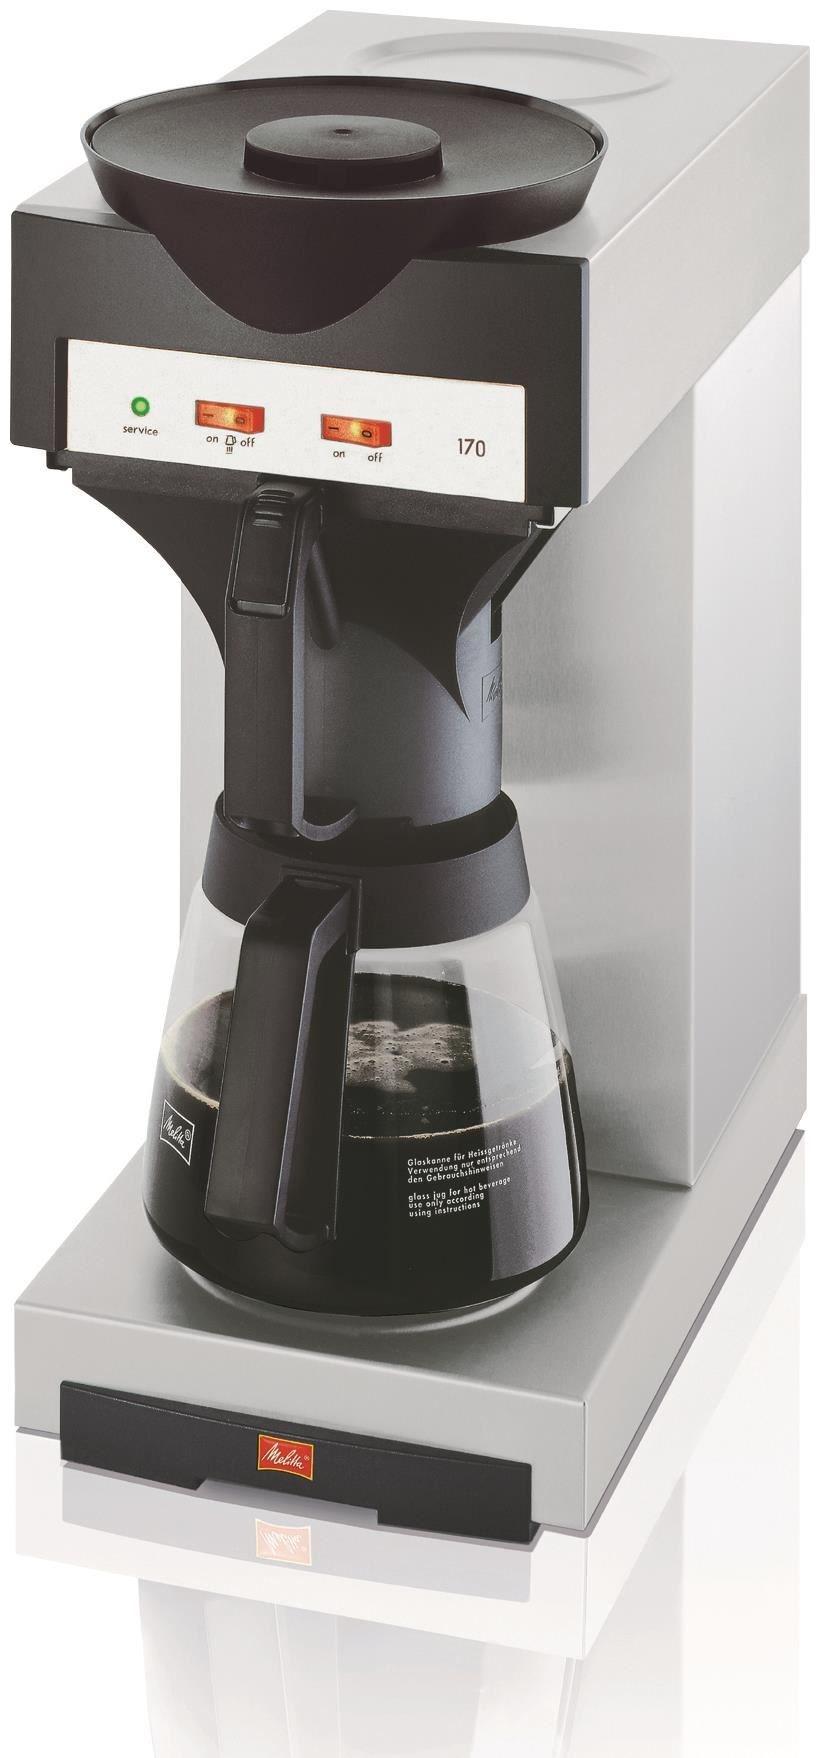 Melitta Filterkaffeemaschine 170 M